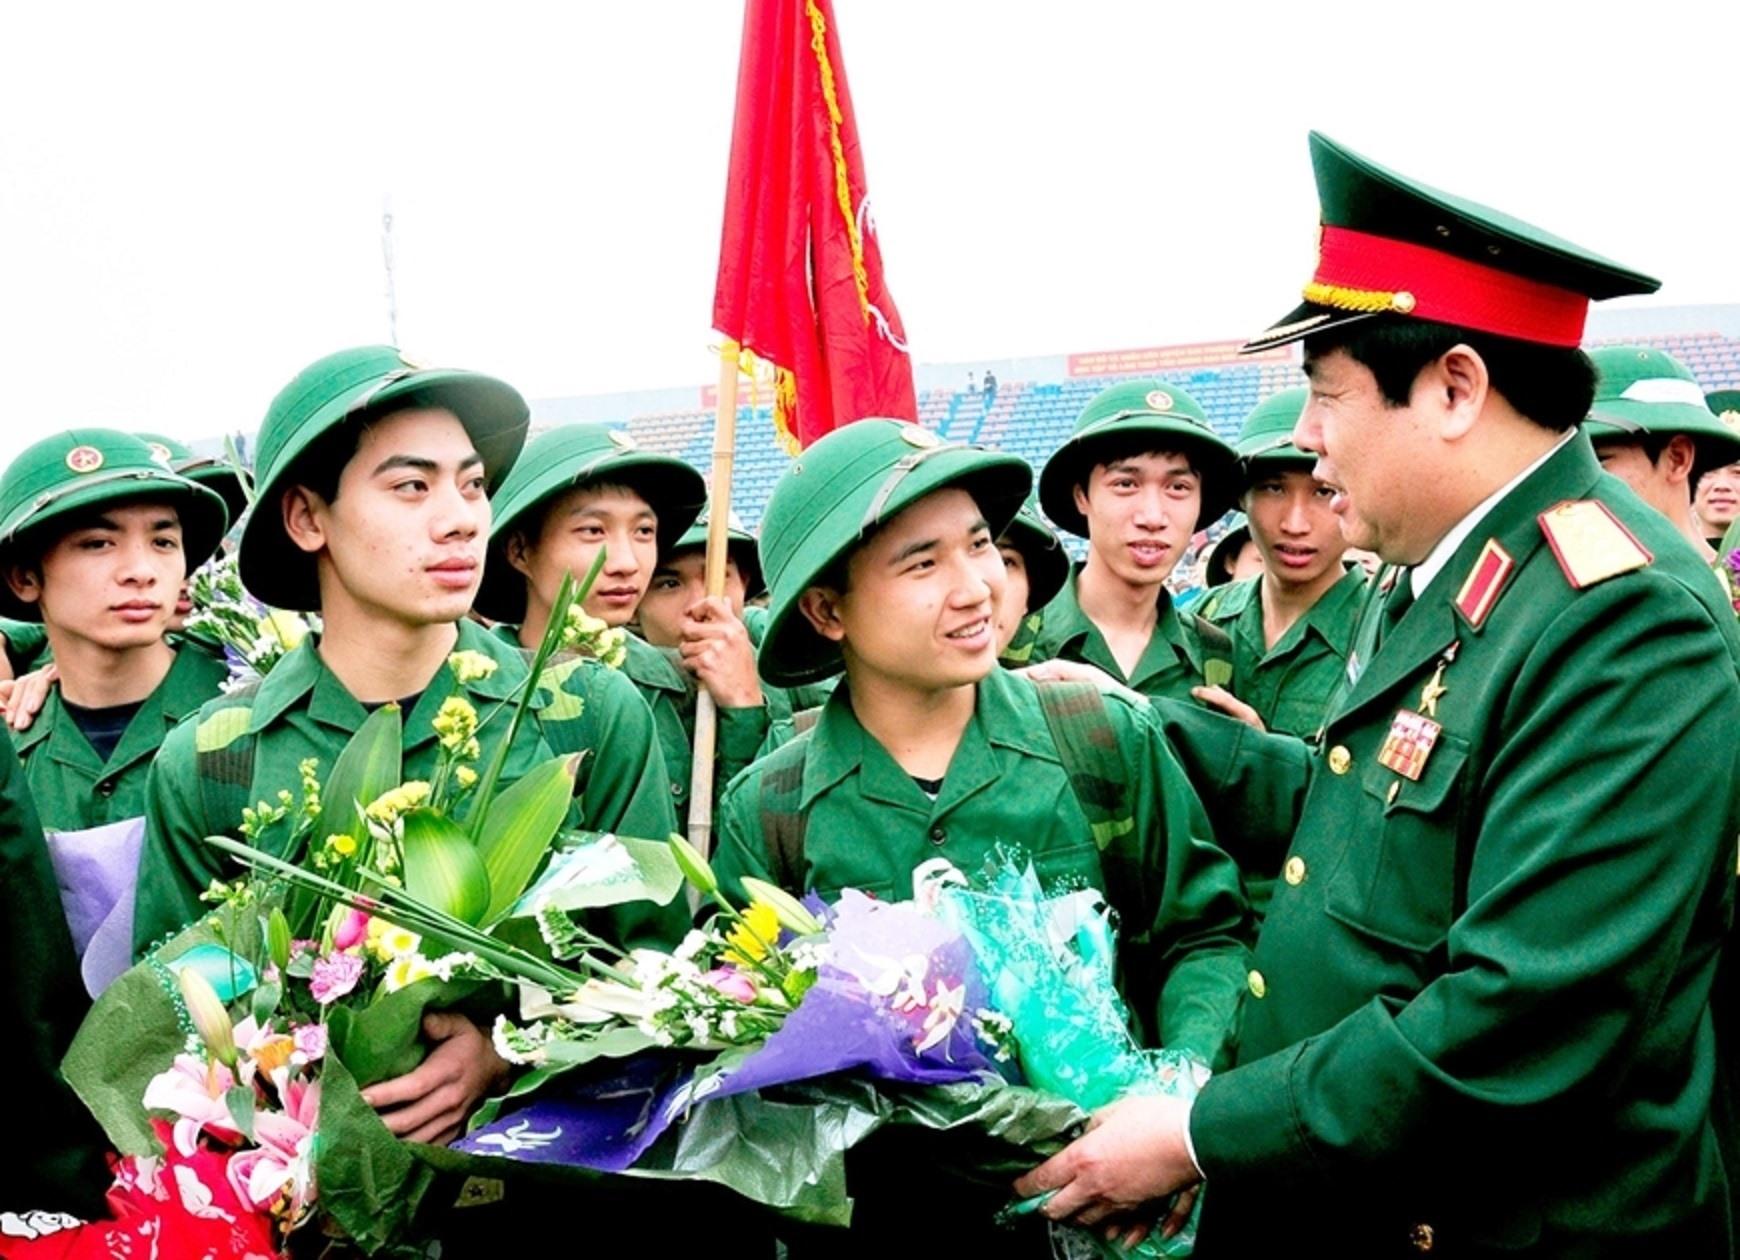 Đại tướng Phùng Quang Thanh động viên chiến sĩ mới lên đường nhập ngũ tại huyện Đan Phượng, Hà Nội vào ngày 25/3/2013. Ảnh: Minh Trường